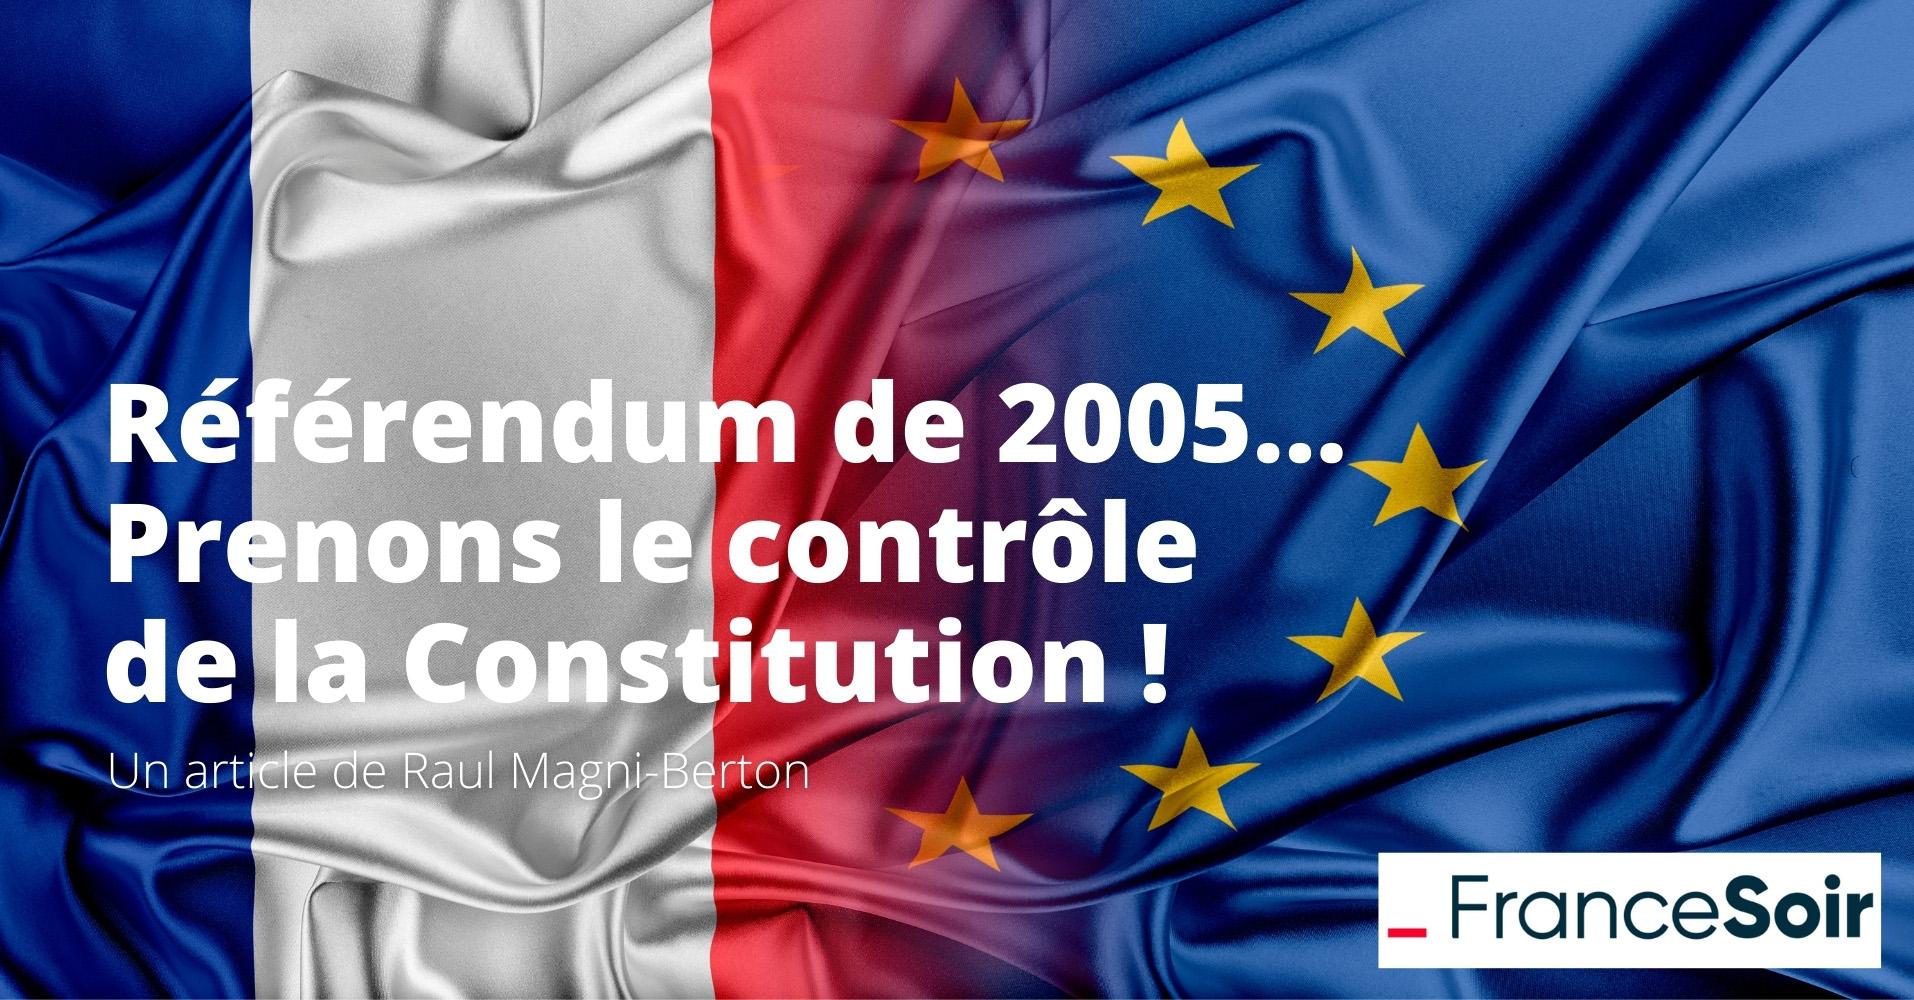 Triste anniversaire du référendum de 2005 sur le traité constitutionnel européen…